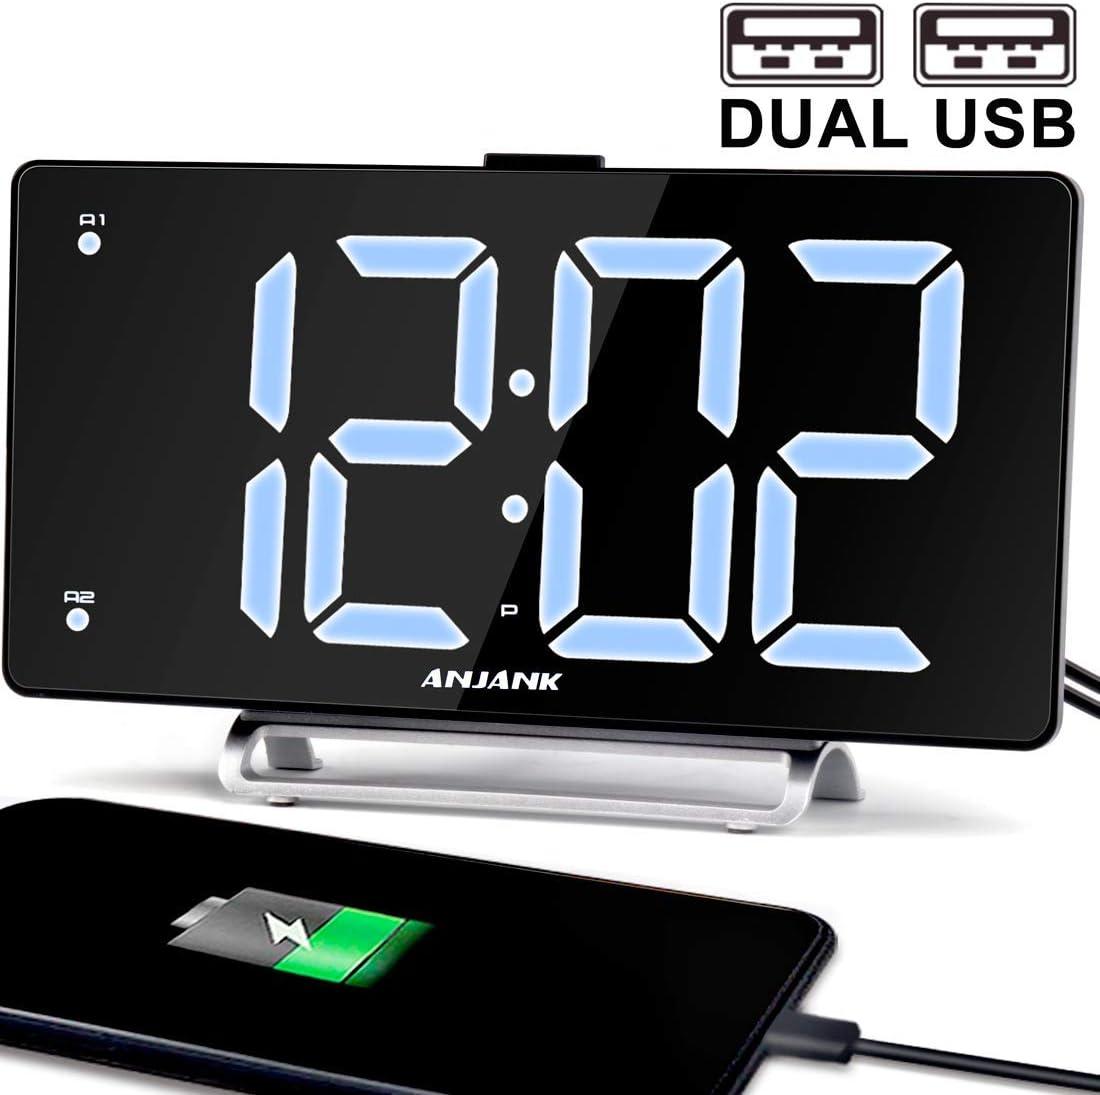 9 Digital Alarm Clock Large LED Display Dual Alarm with USB Charger Port for Bedrooms Bedside Desk Clocks Big Number Simple Seniors Clock Renewed